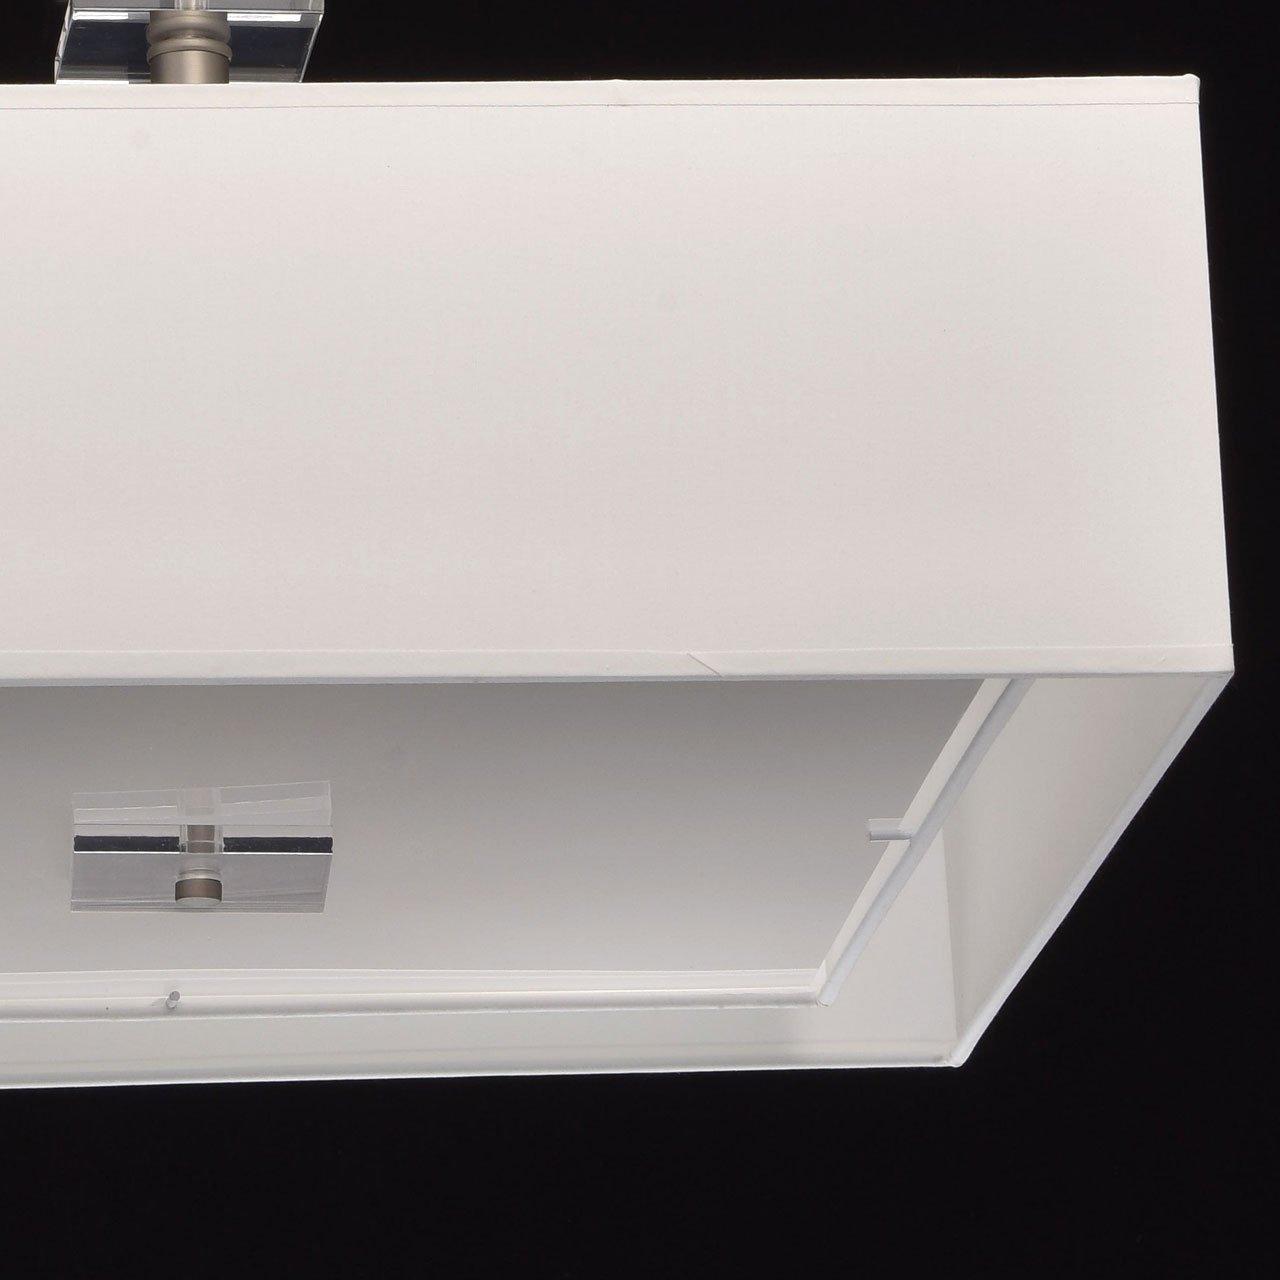 40 W paralumi in tessuto acrilico bianco 2700 K, l camera da letto escl metallo cromato 5 attacchi E14 Adatto per il soggiorno Lampadario a corona moderno 5/bracci